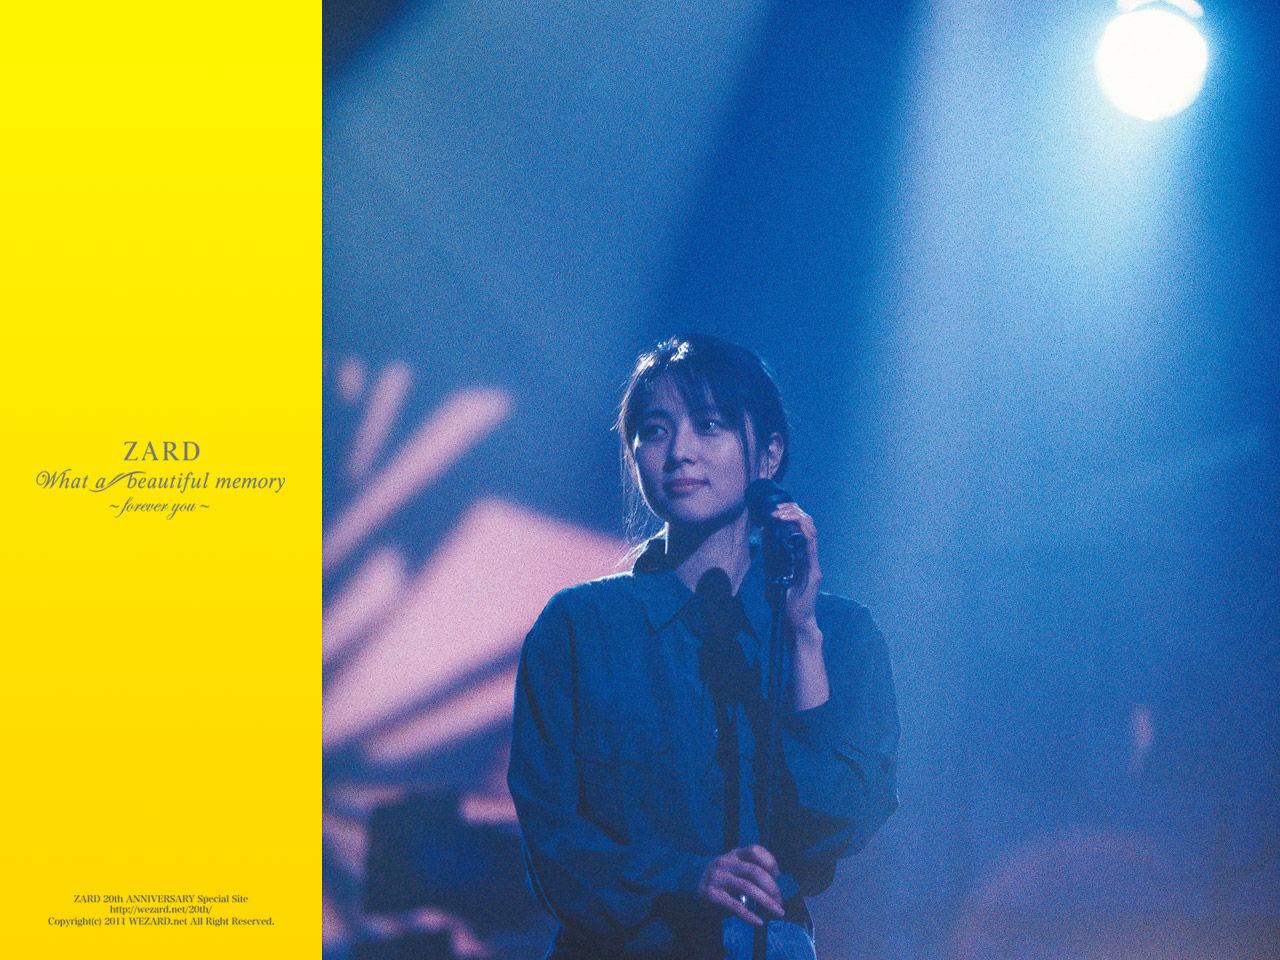 Wezard Mail Magazine Vol 001 クマジー王国のくまじろう